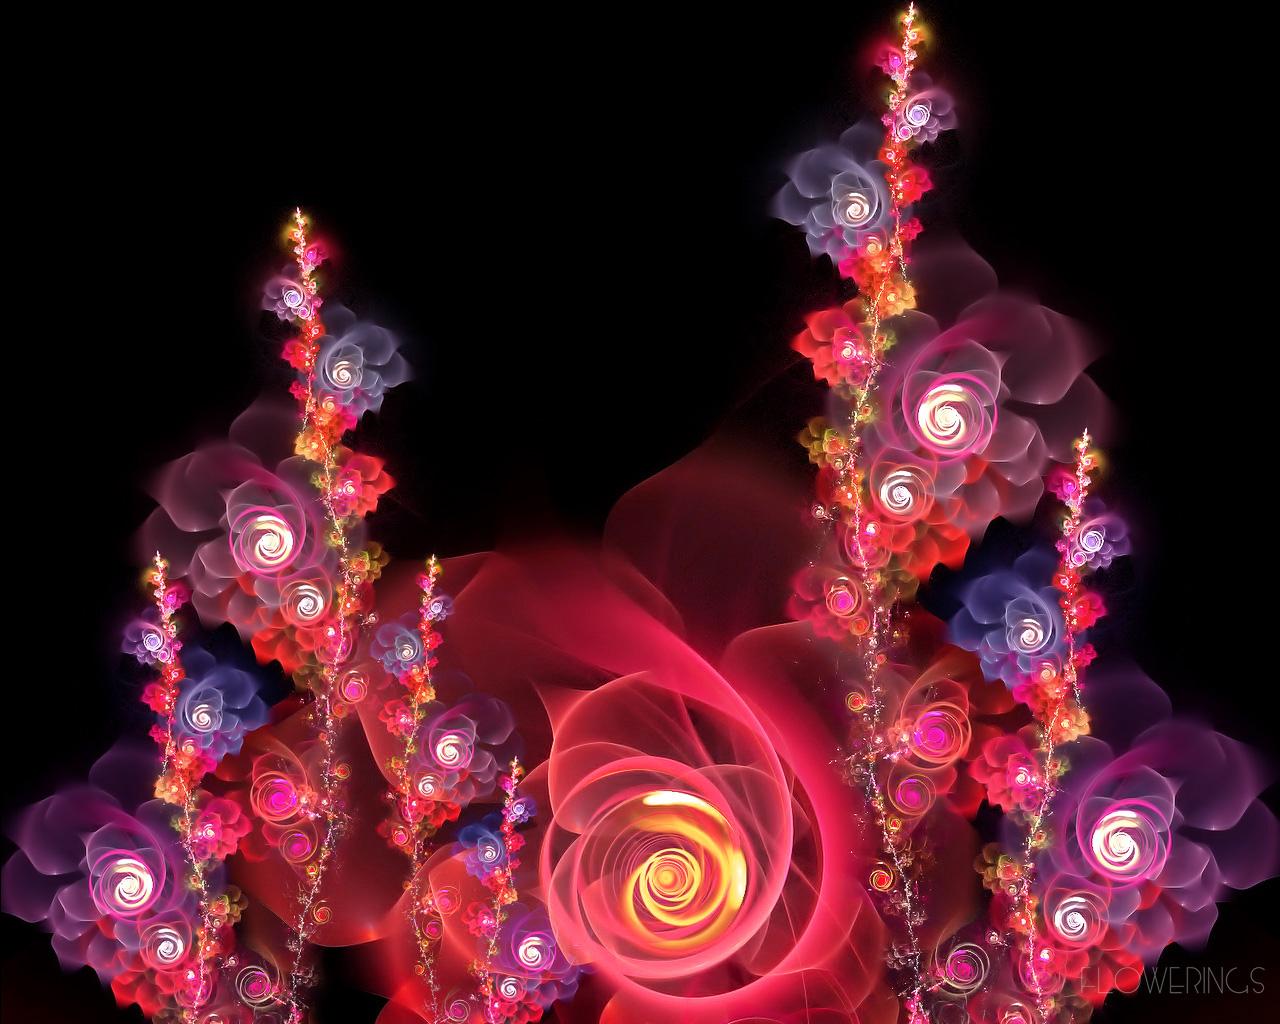 Flowerings 31